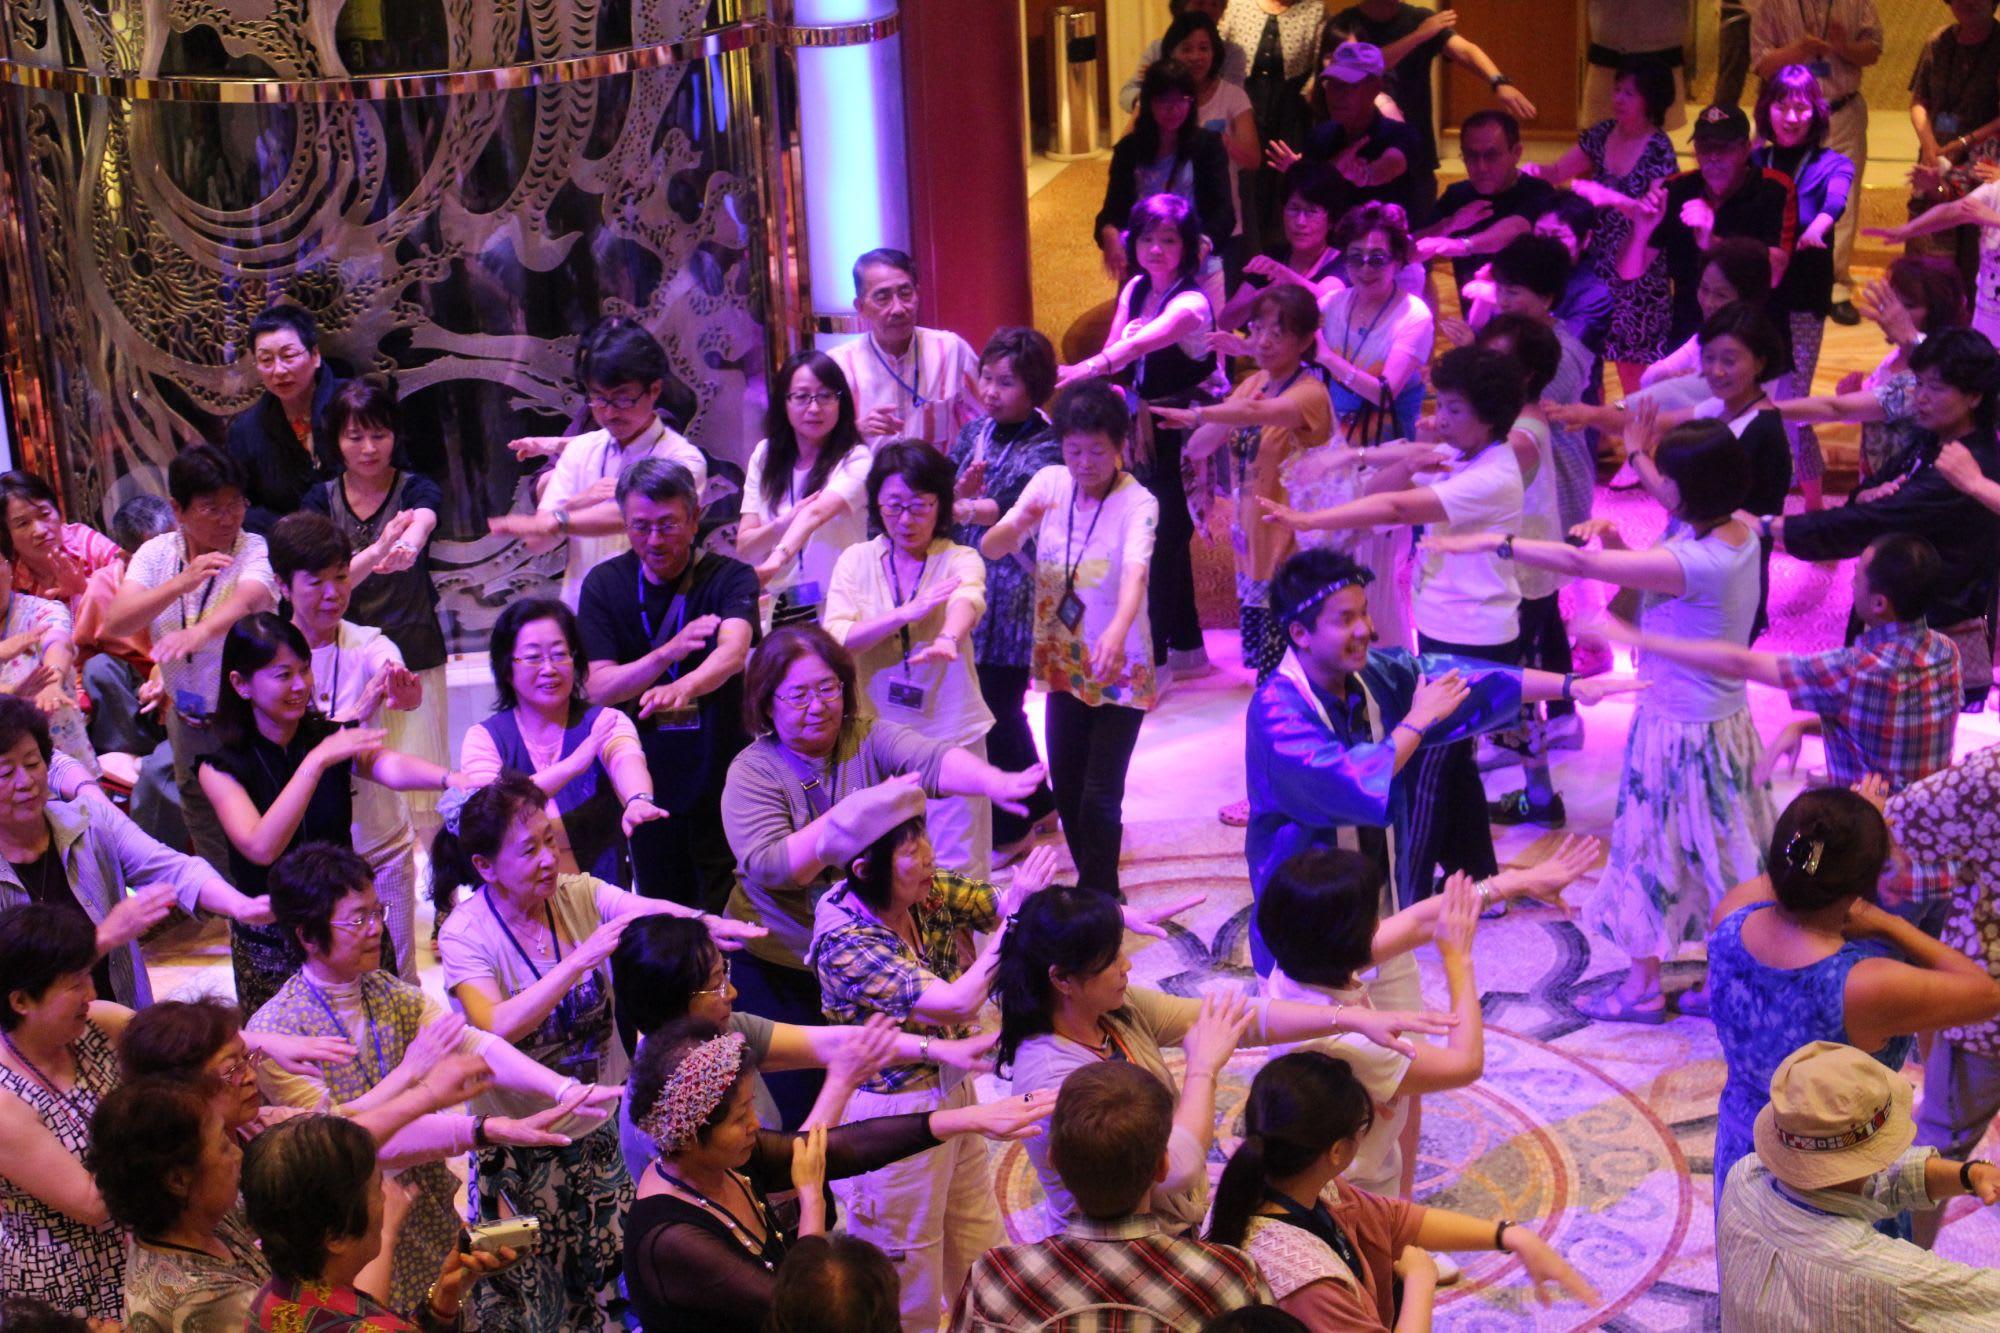 ダイヤモンド・プリンセスで催された『世界の祭り』。まさに踊りを通じた国際交流